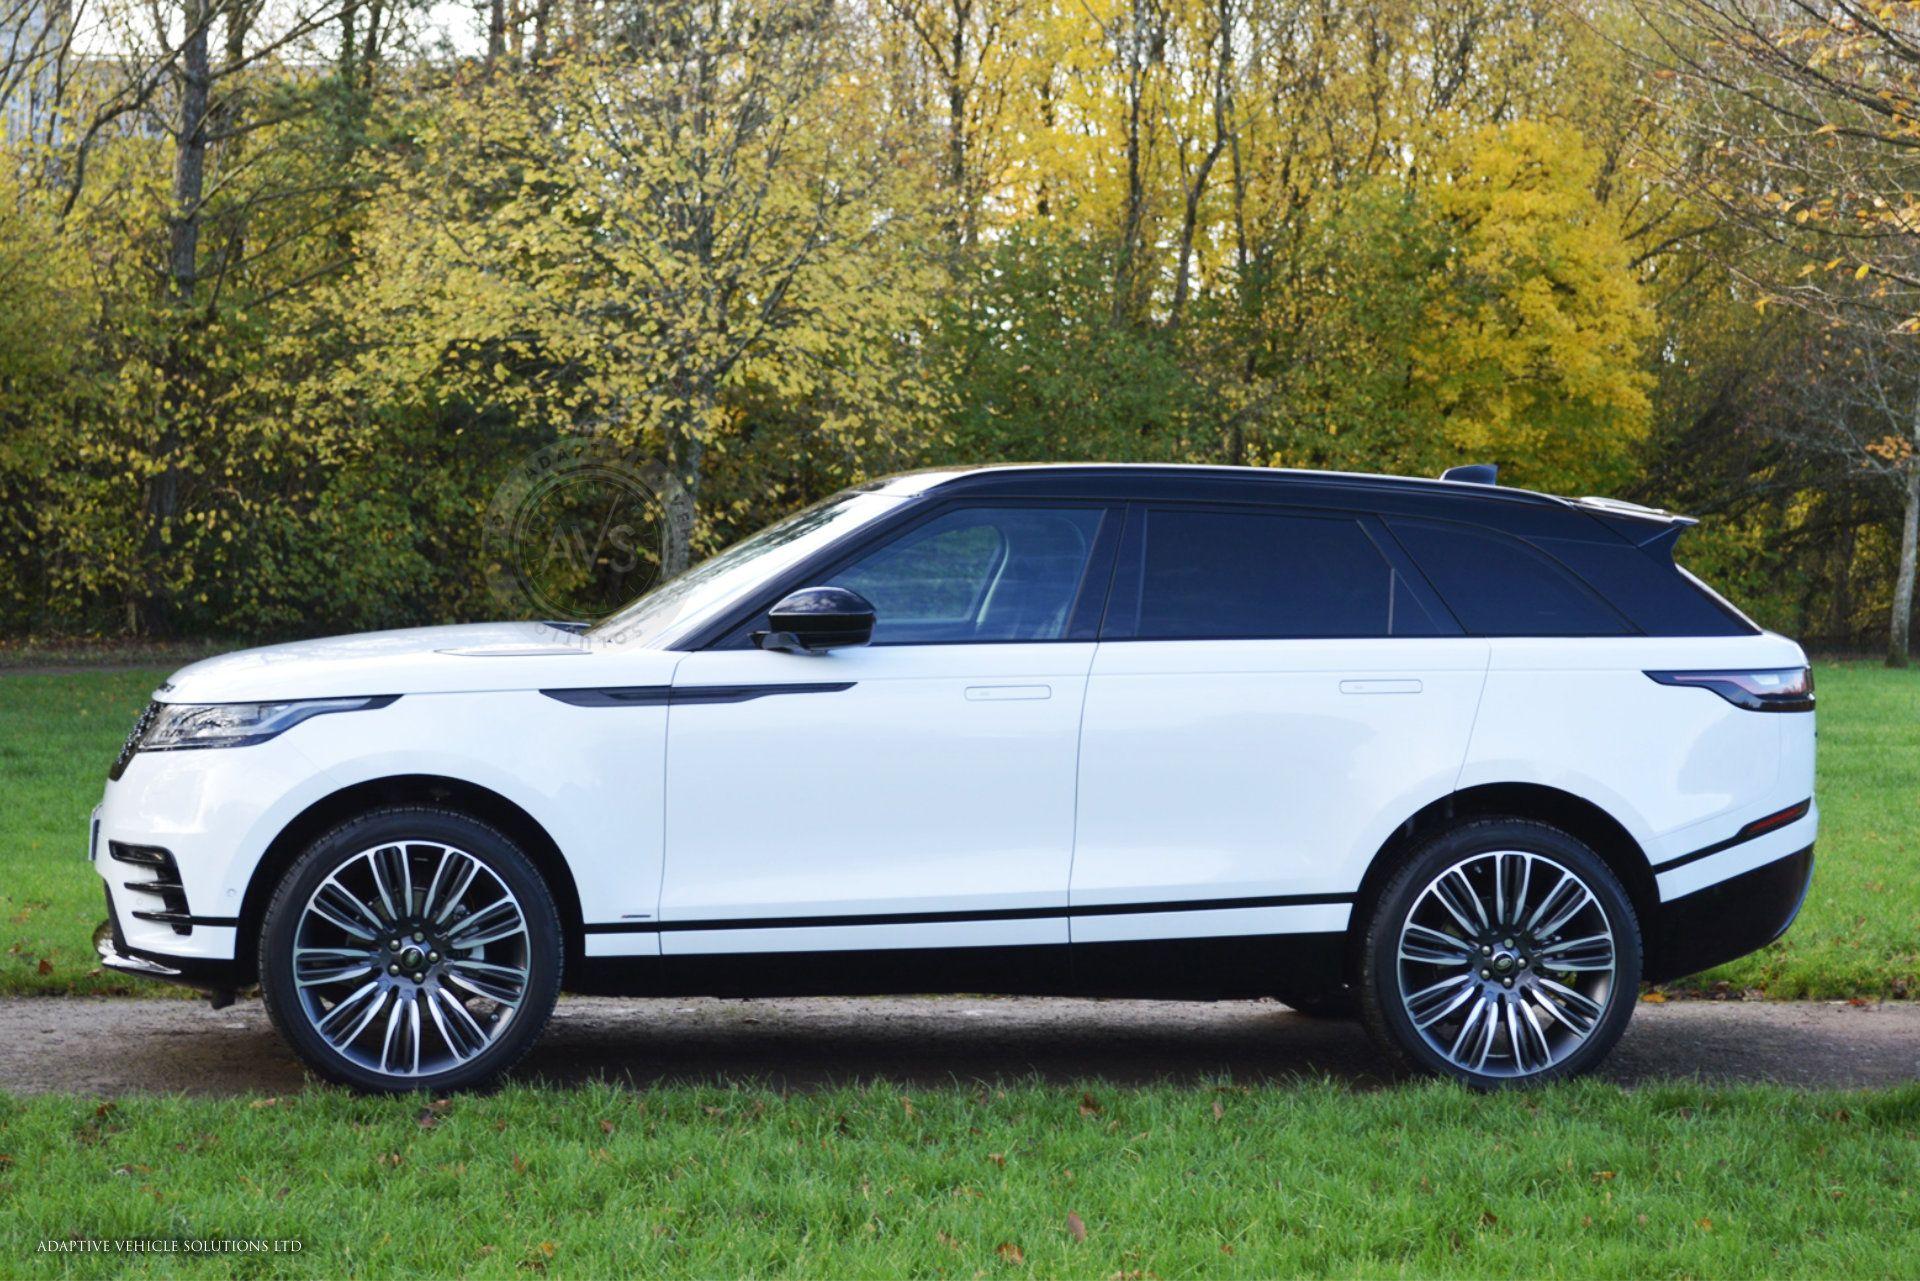 Image result for 2018 Range Rover Velar white New range